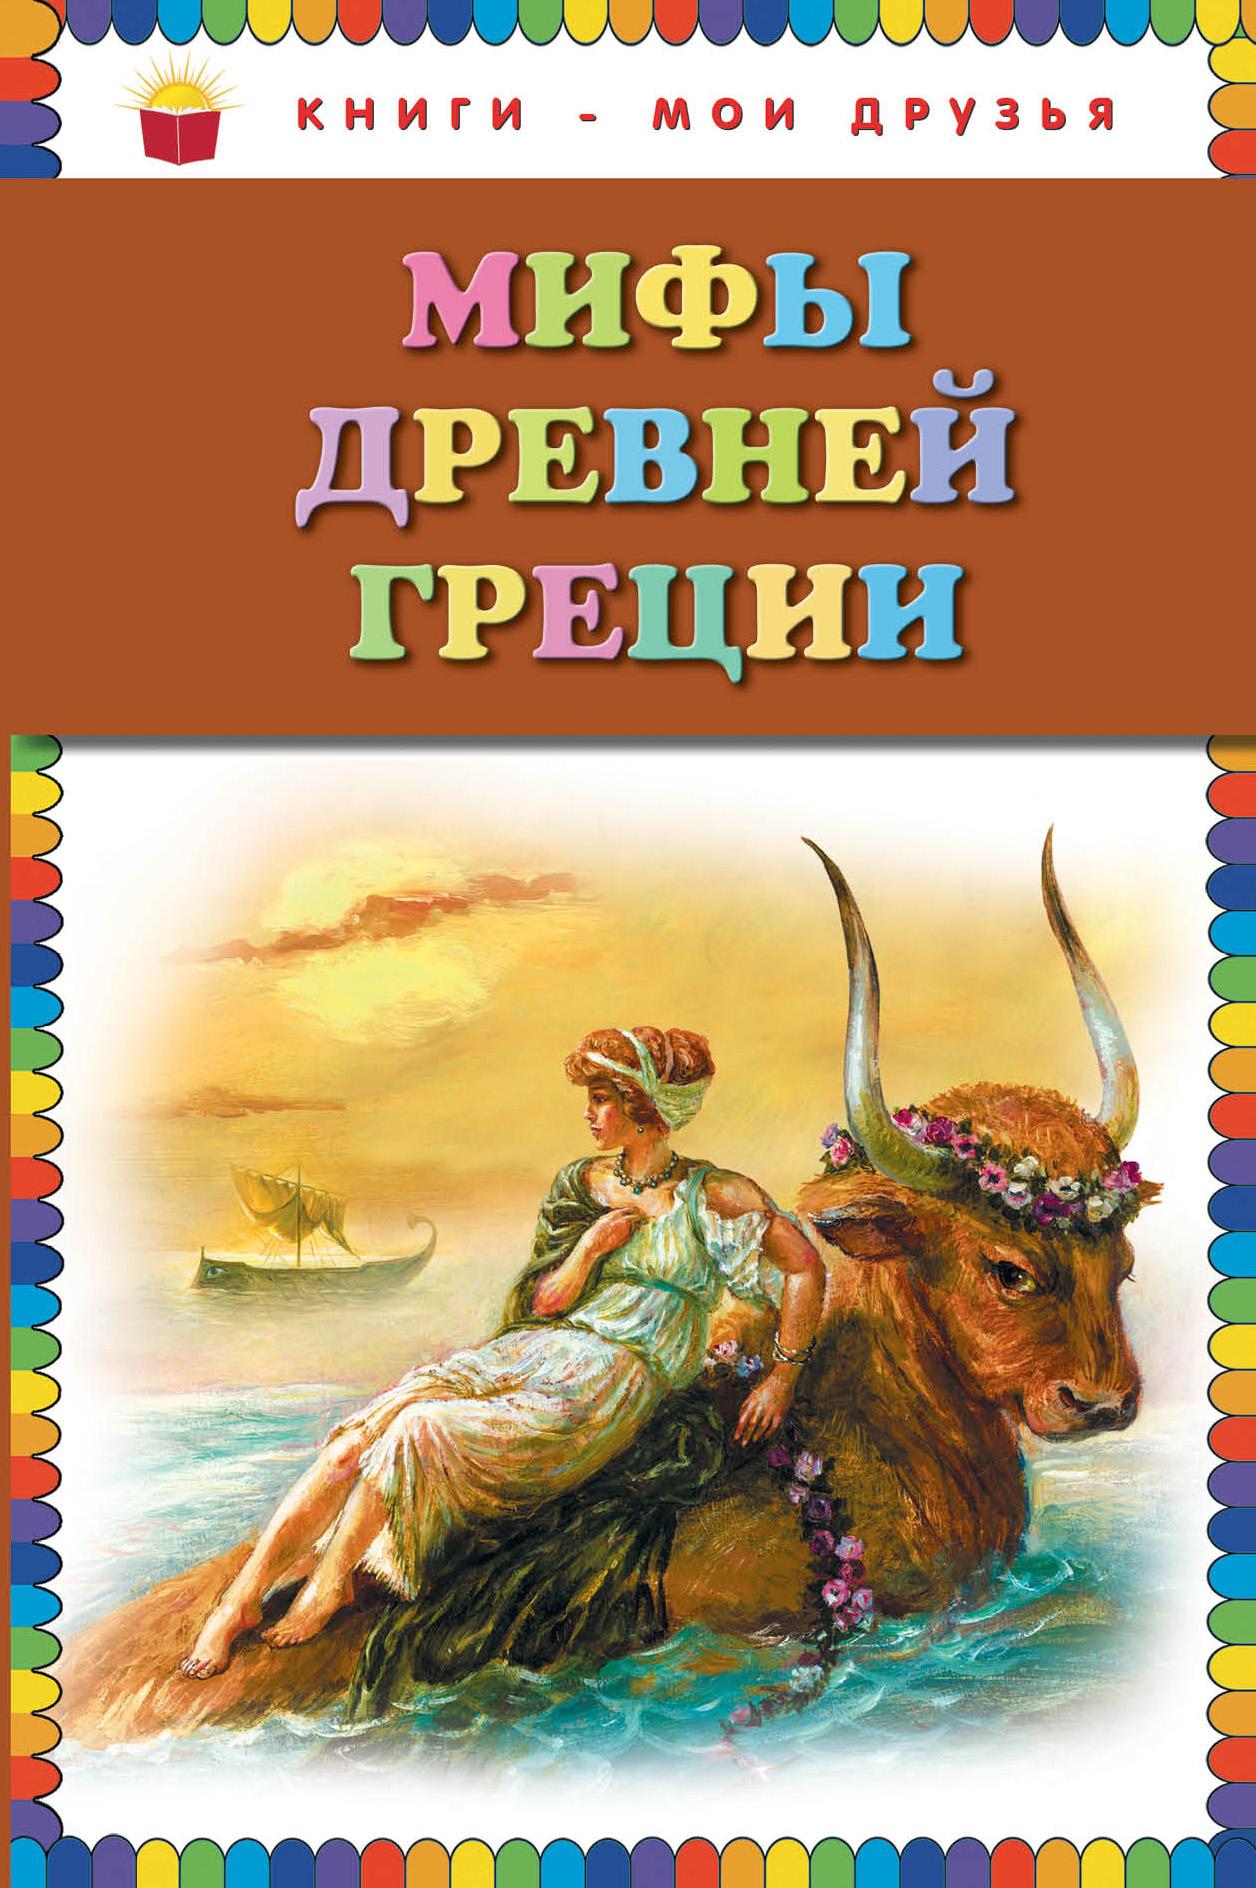 Мифы Древней Греции_